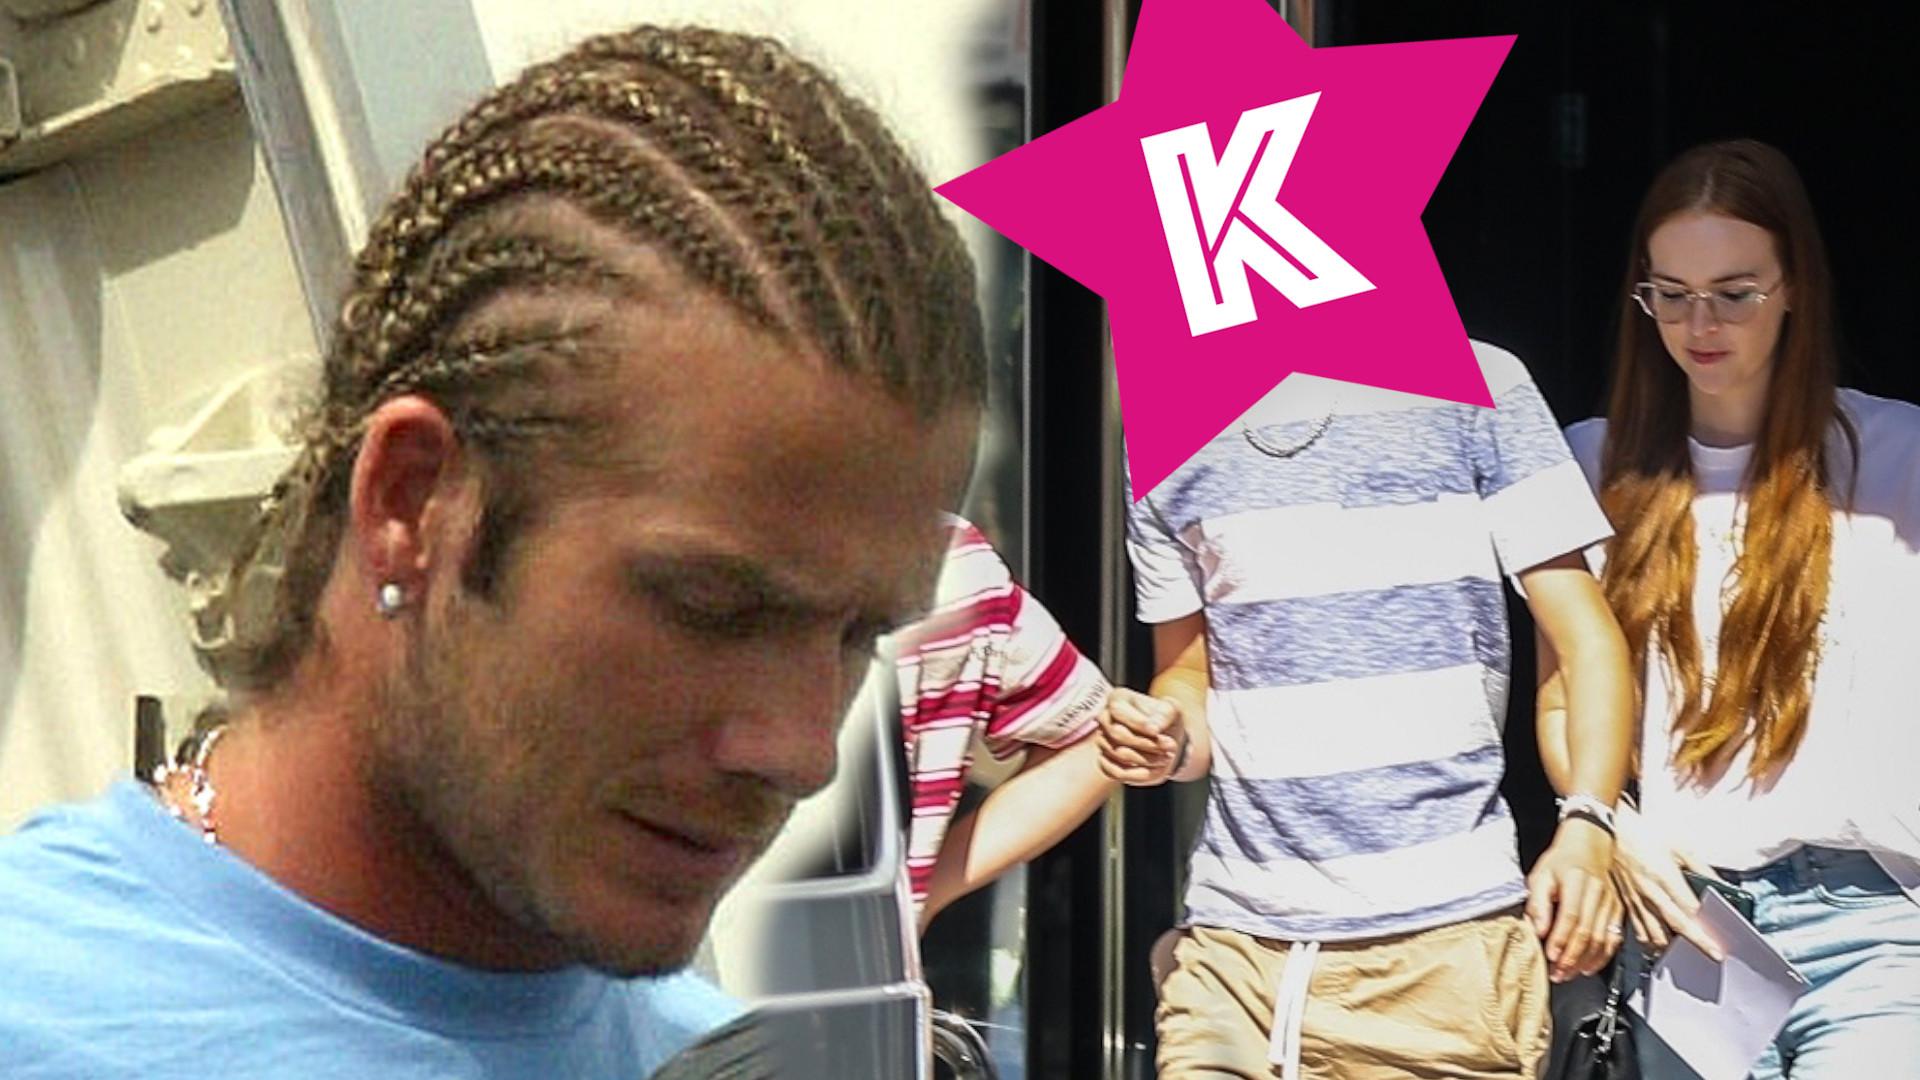 Romeo Beckham zmienił fryzurę! Wygląda jak młody David